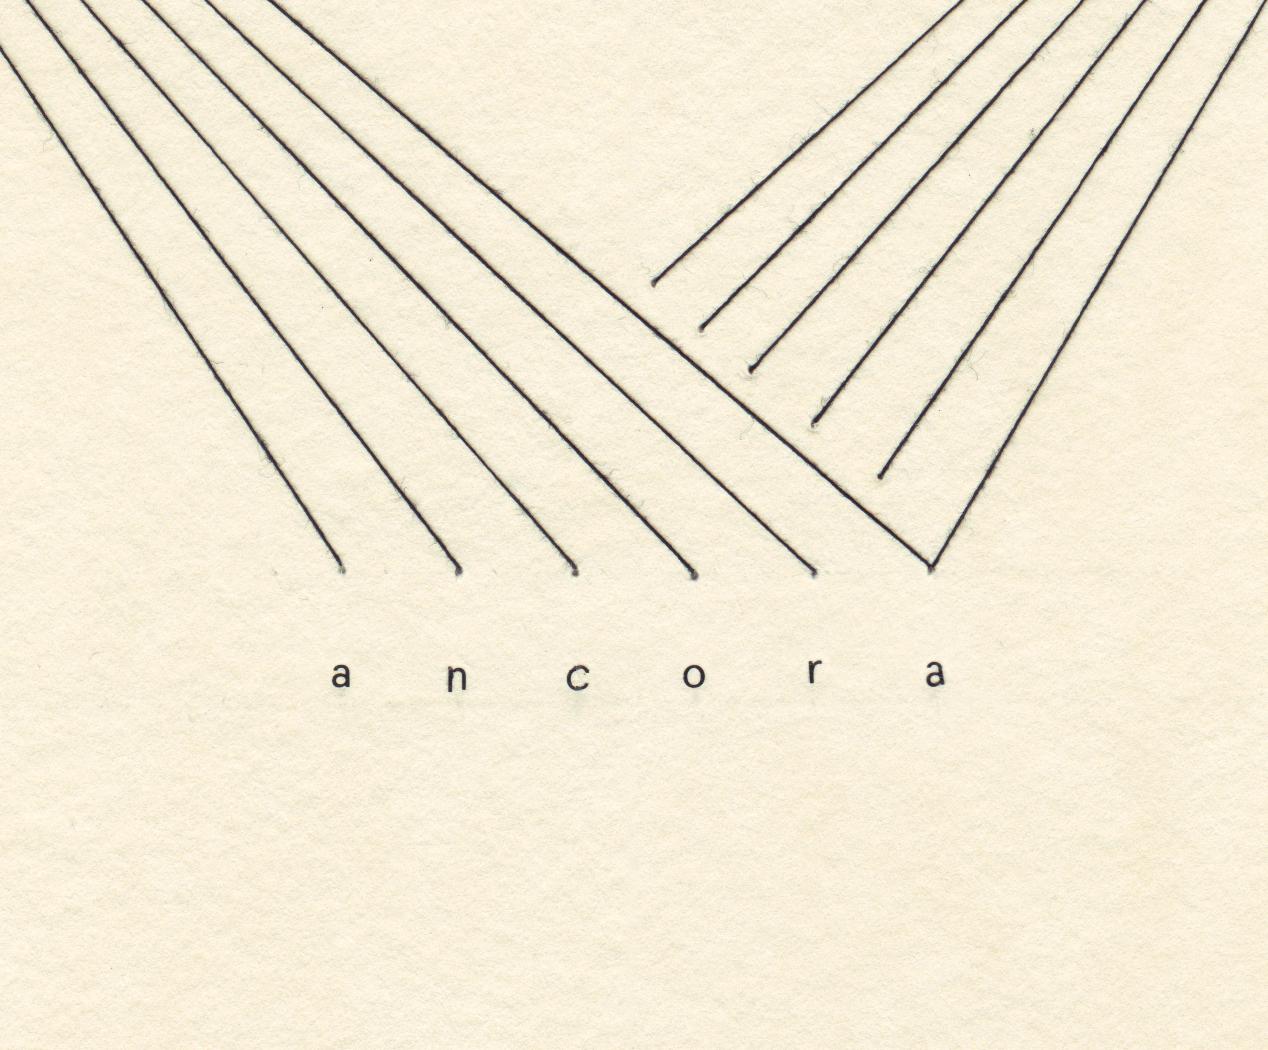 Ancora_2017_003